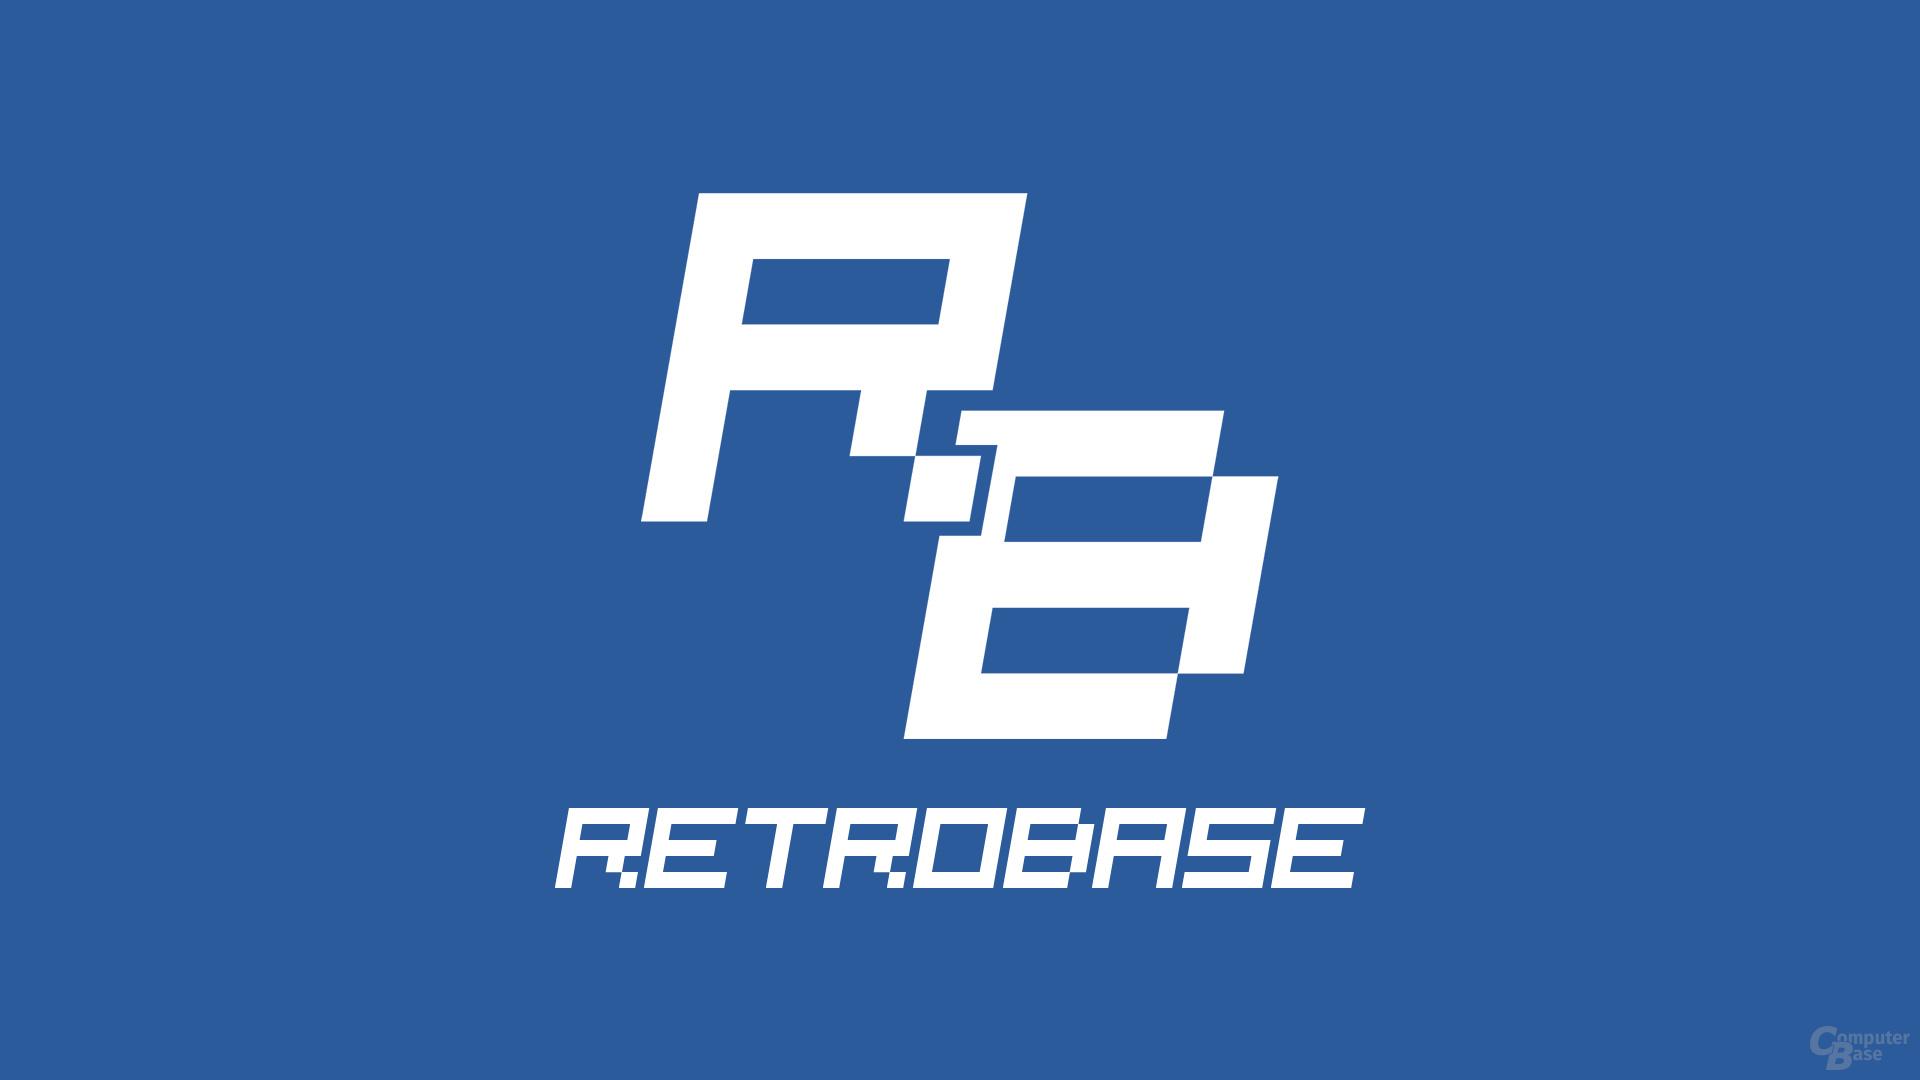 RetroBase – Das Wochenendformat auf ComputerBase widmet sich 30 Jahren IT-Geschichte